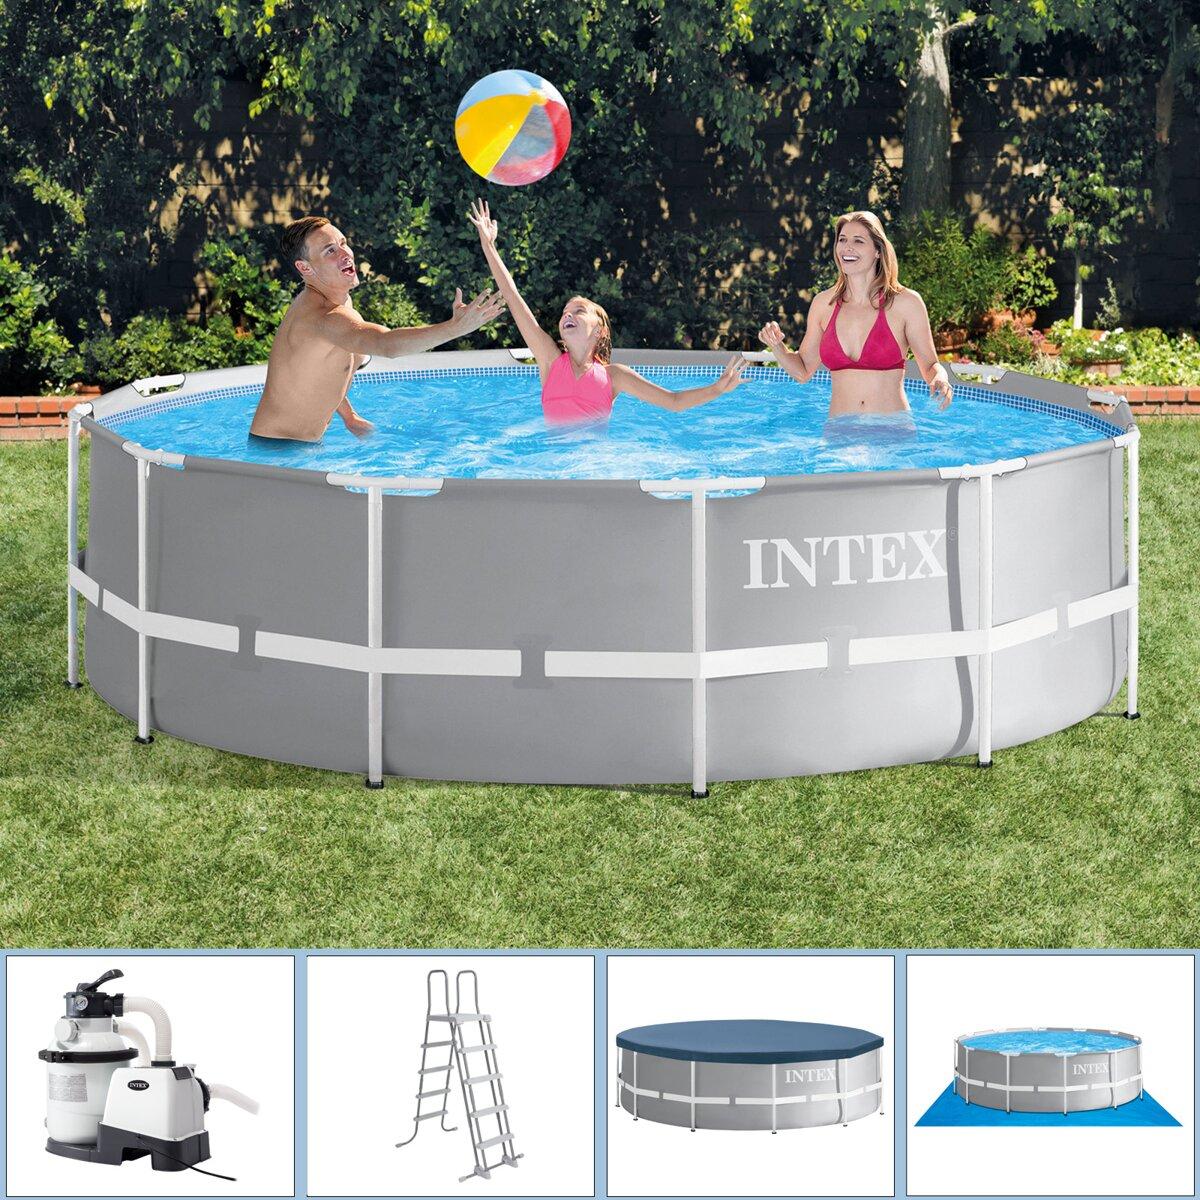 18d7c530ce Nadzemný bazén Intex Ultra Frame 427 x 107cm + piesková filtrácia